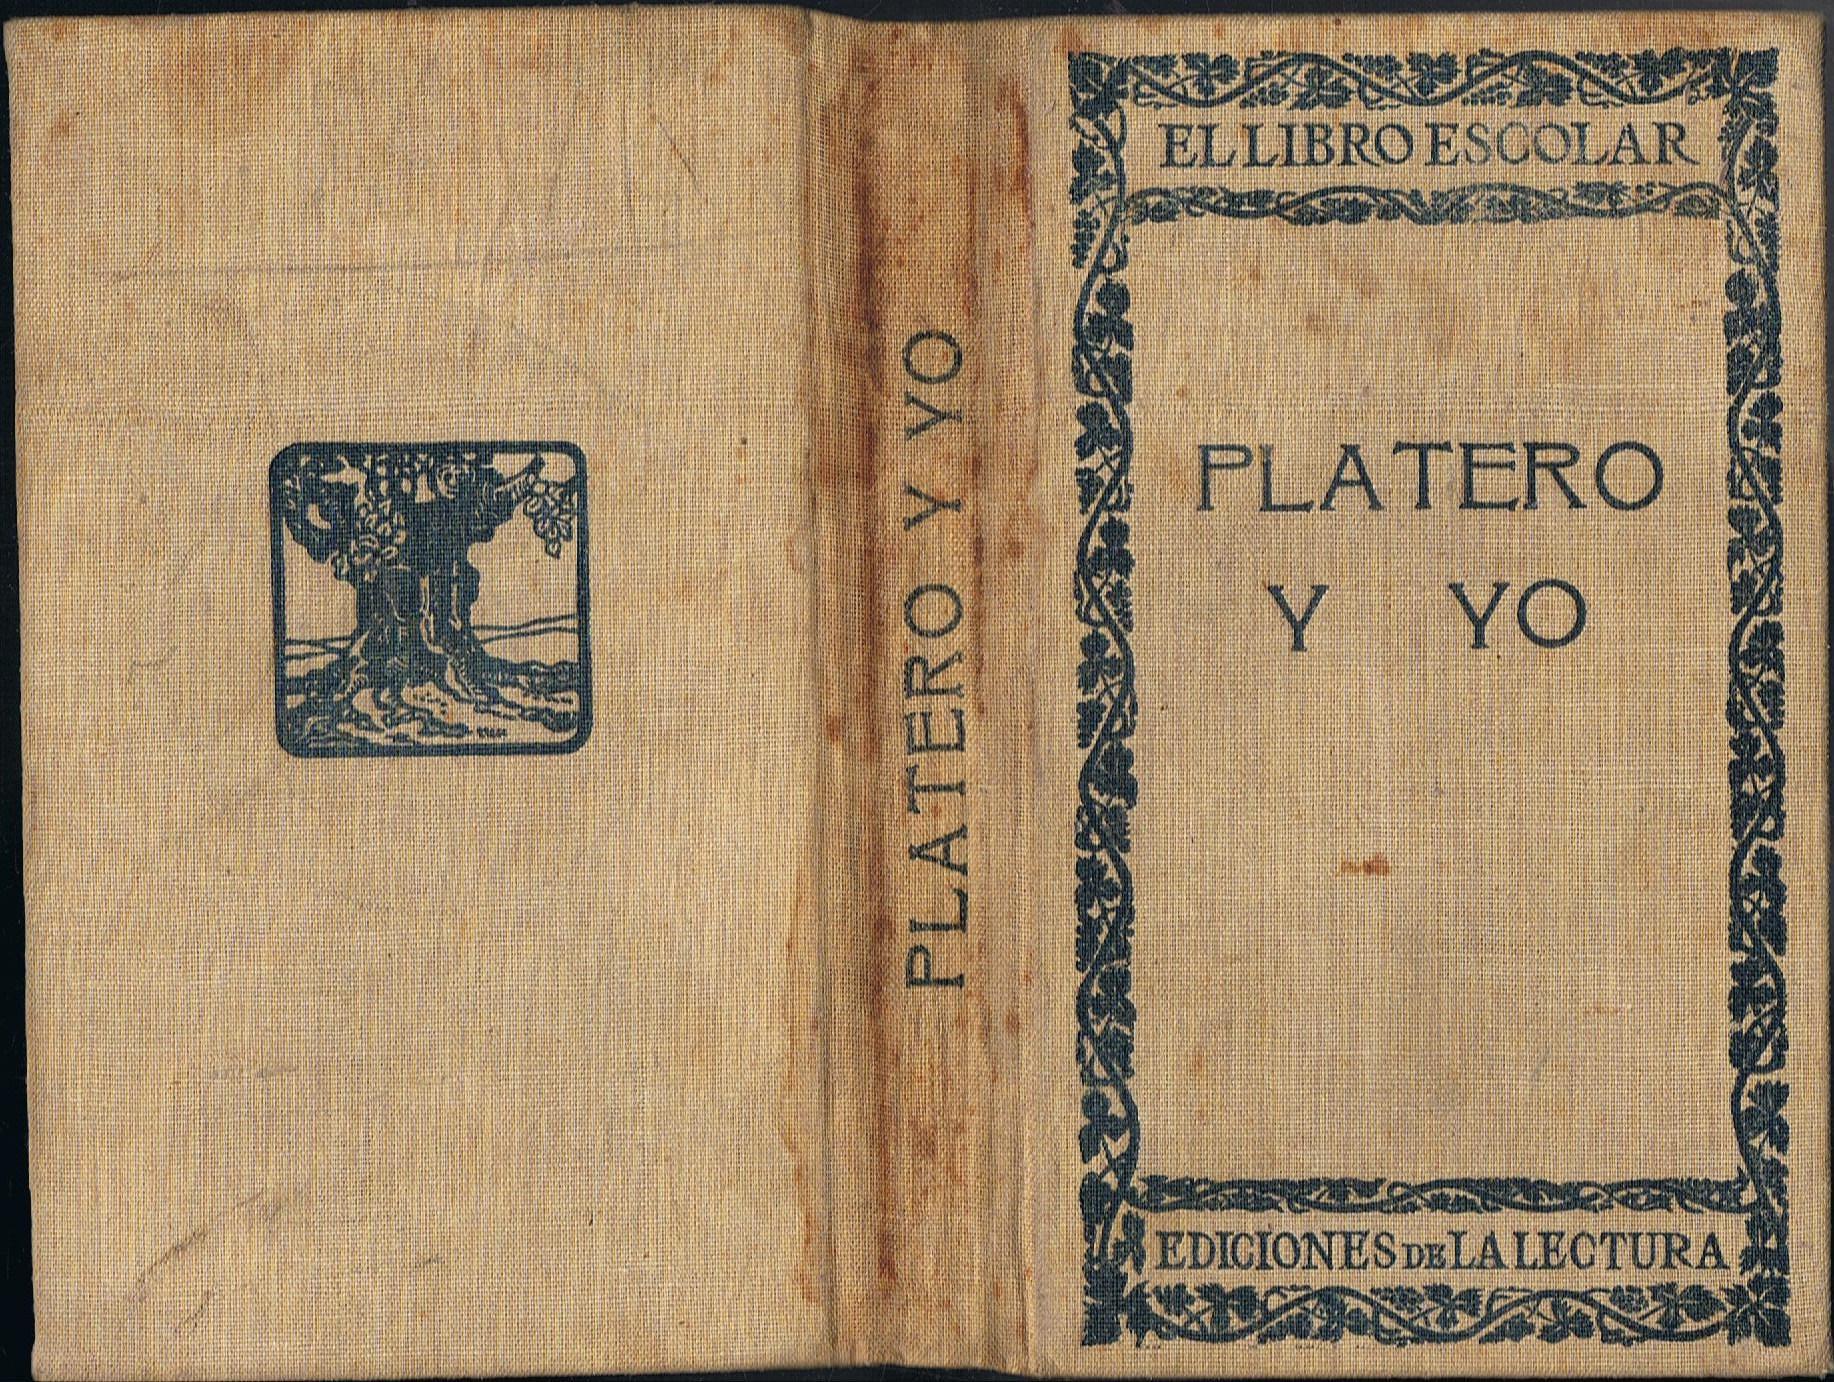 Primera edición de Platero y yo